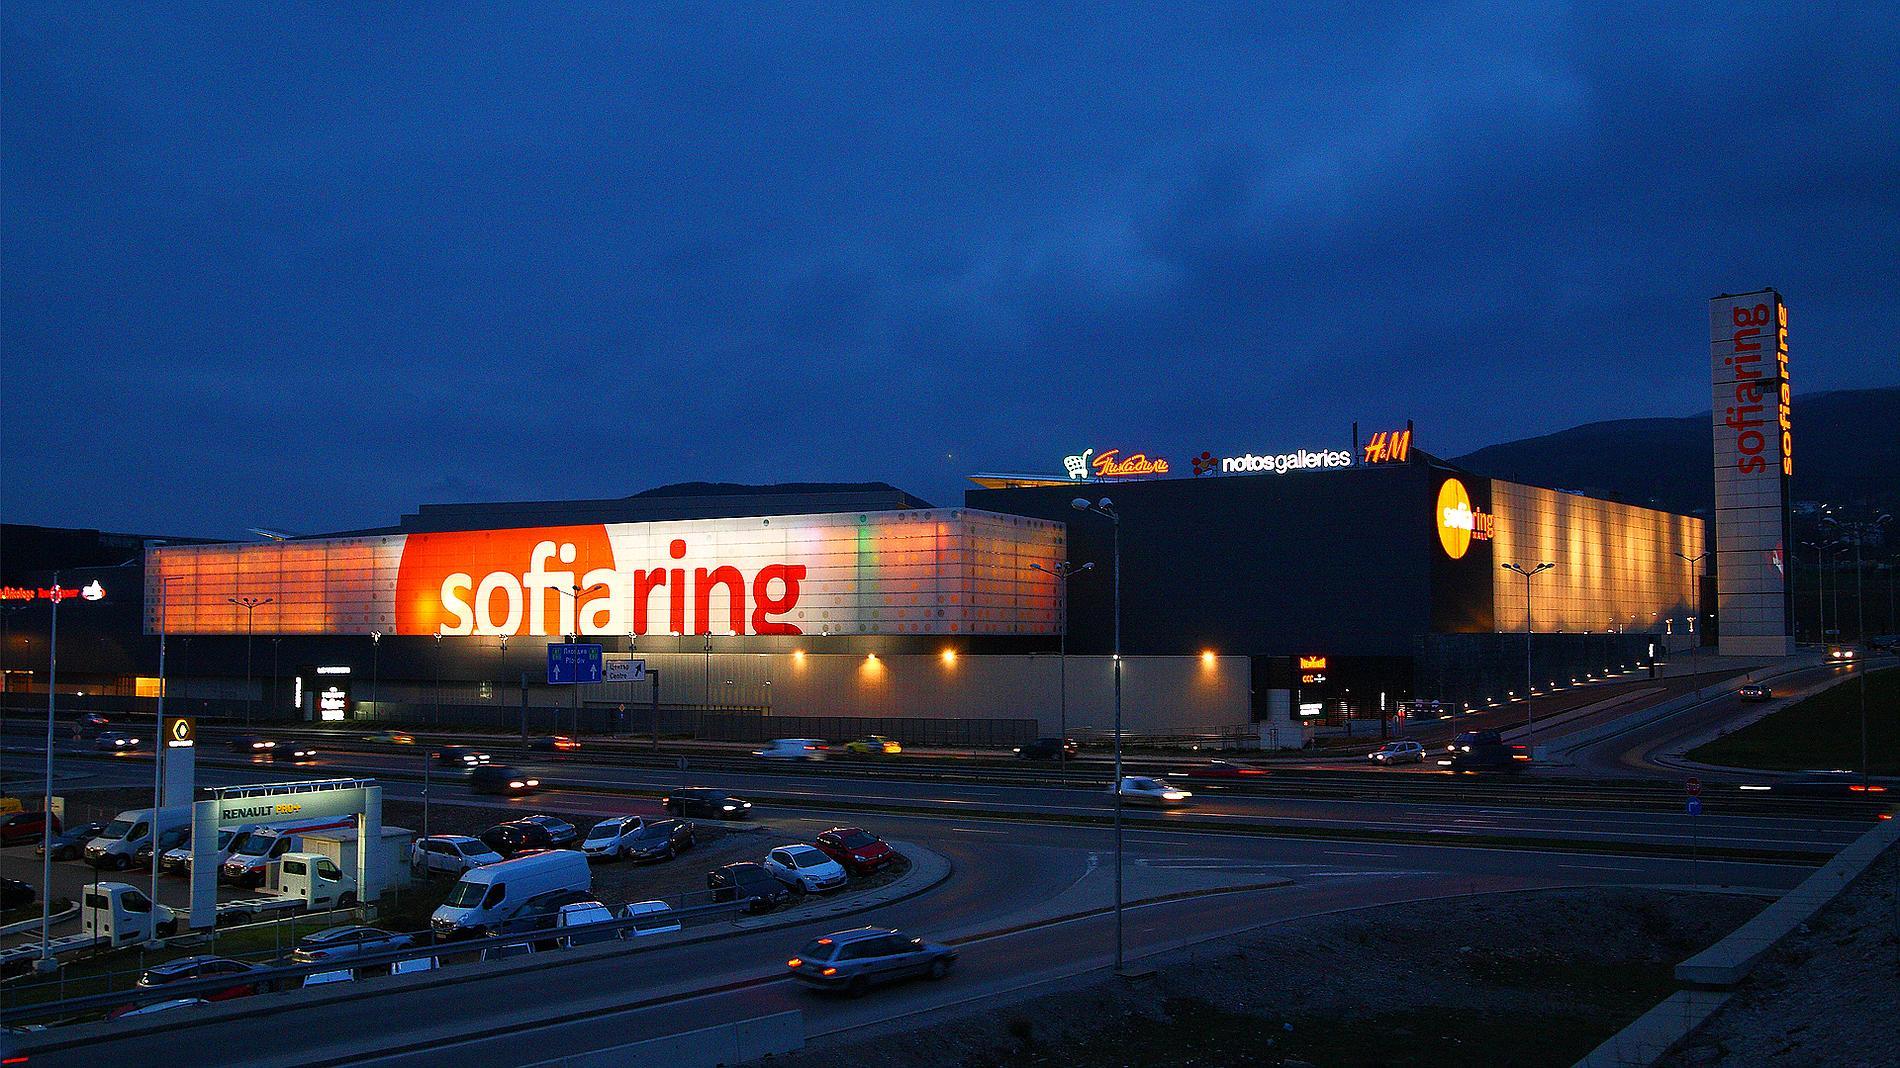 Sofia Ring Mall - facade, exterior signage